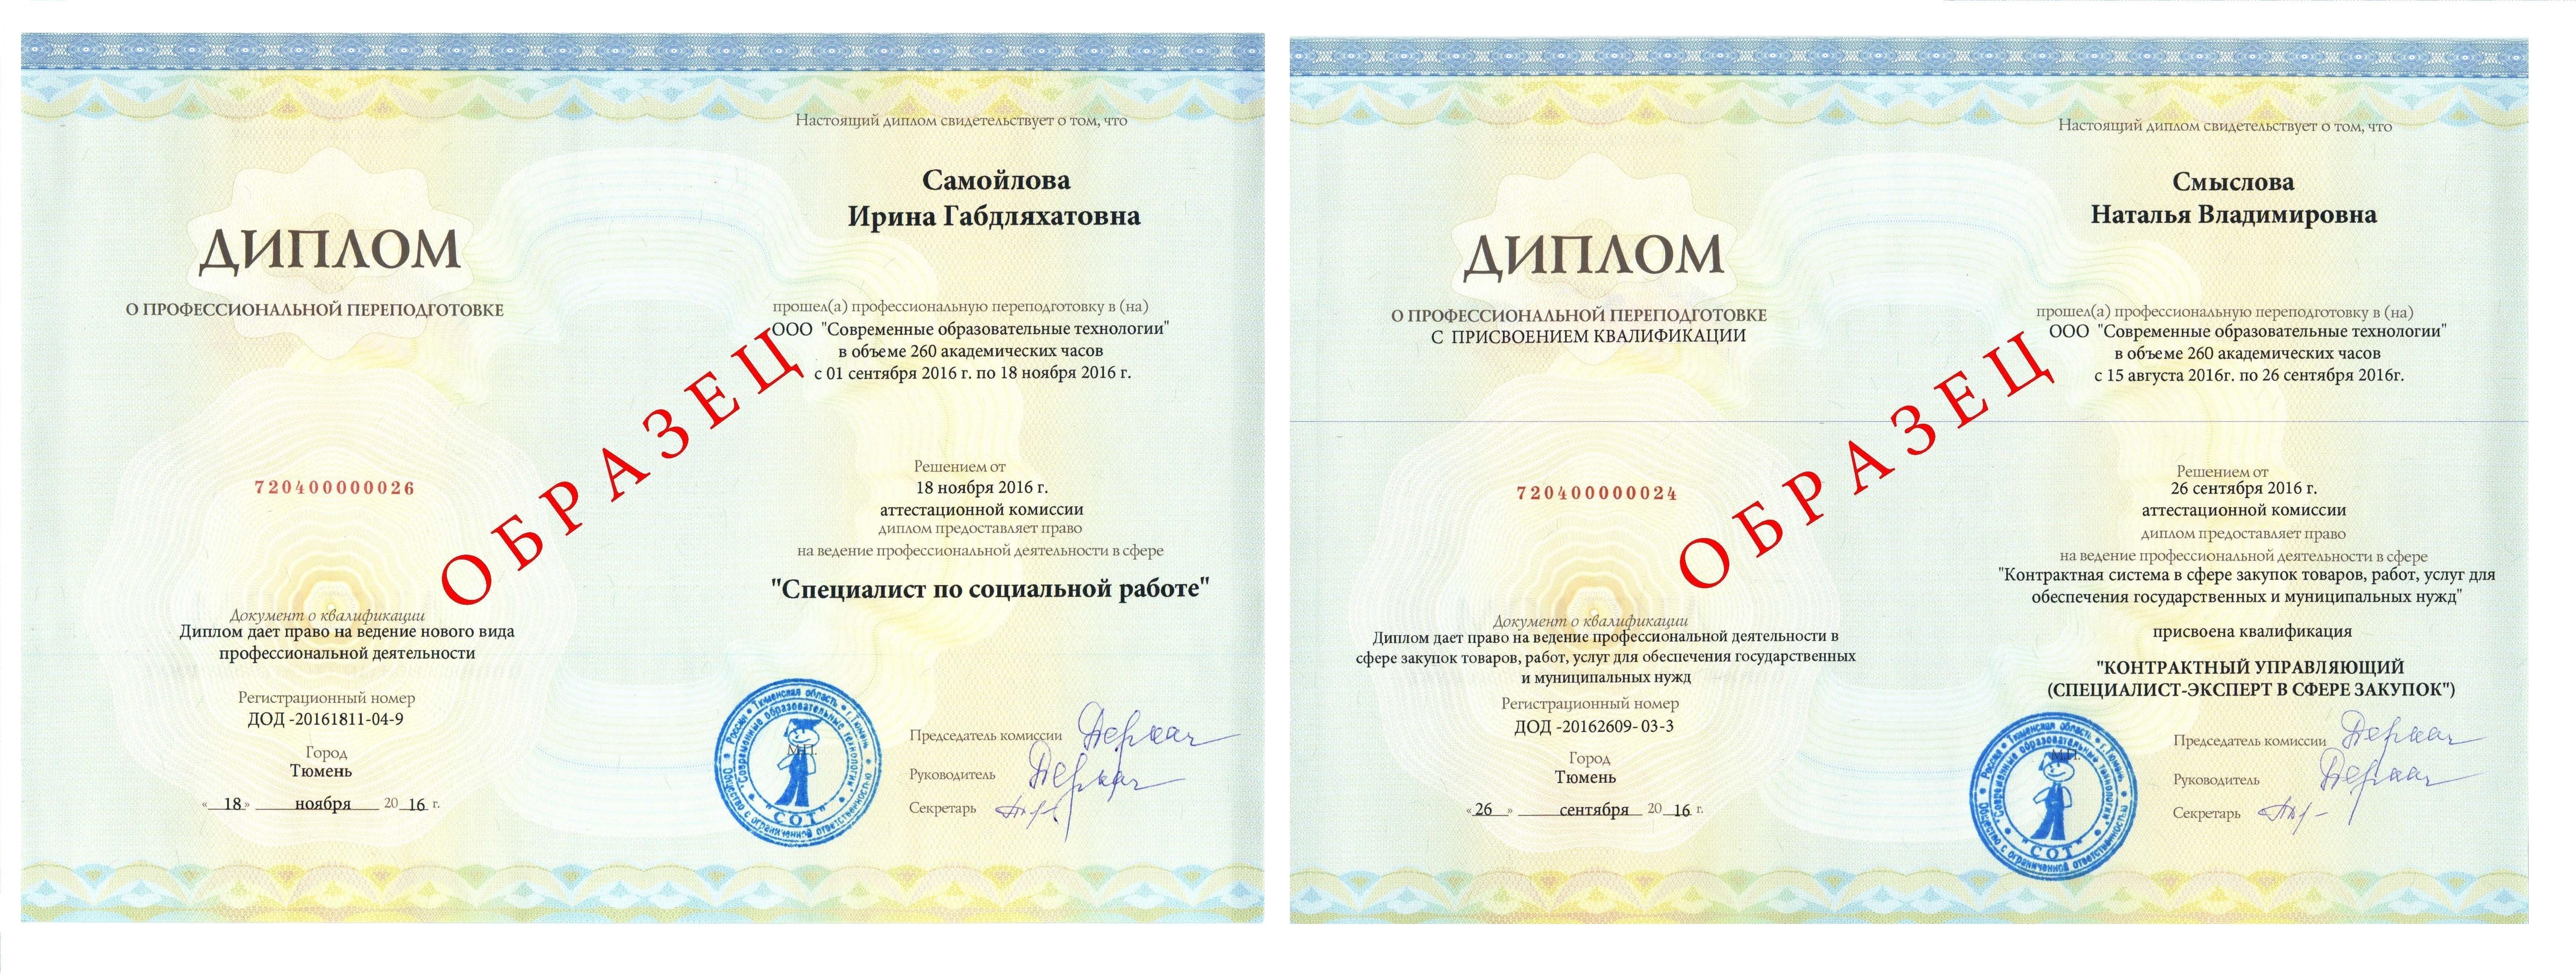 Проверить диплом о высшем образовании лет tracks ipkunin ru Проверить диплом о высшем образовании 5 лет